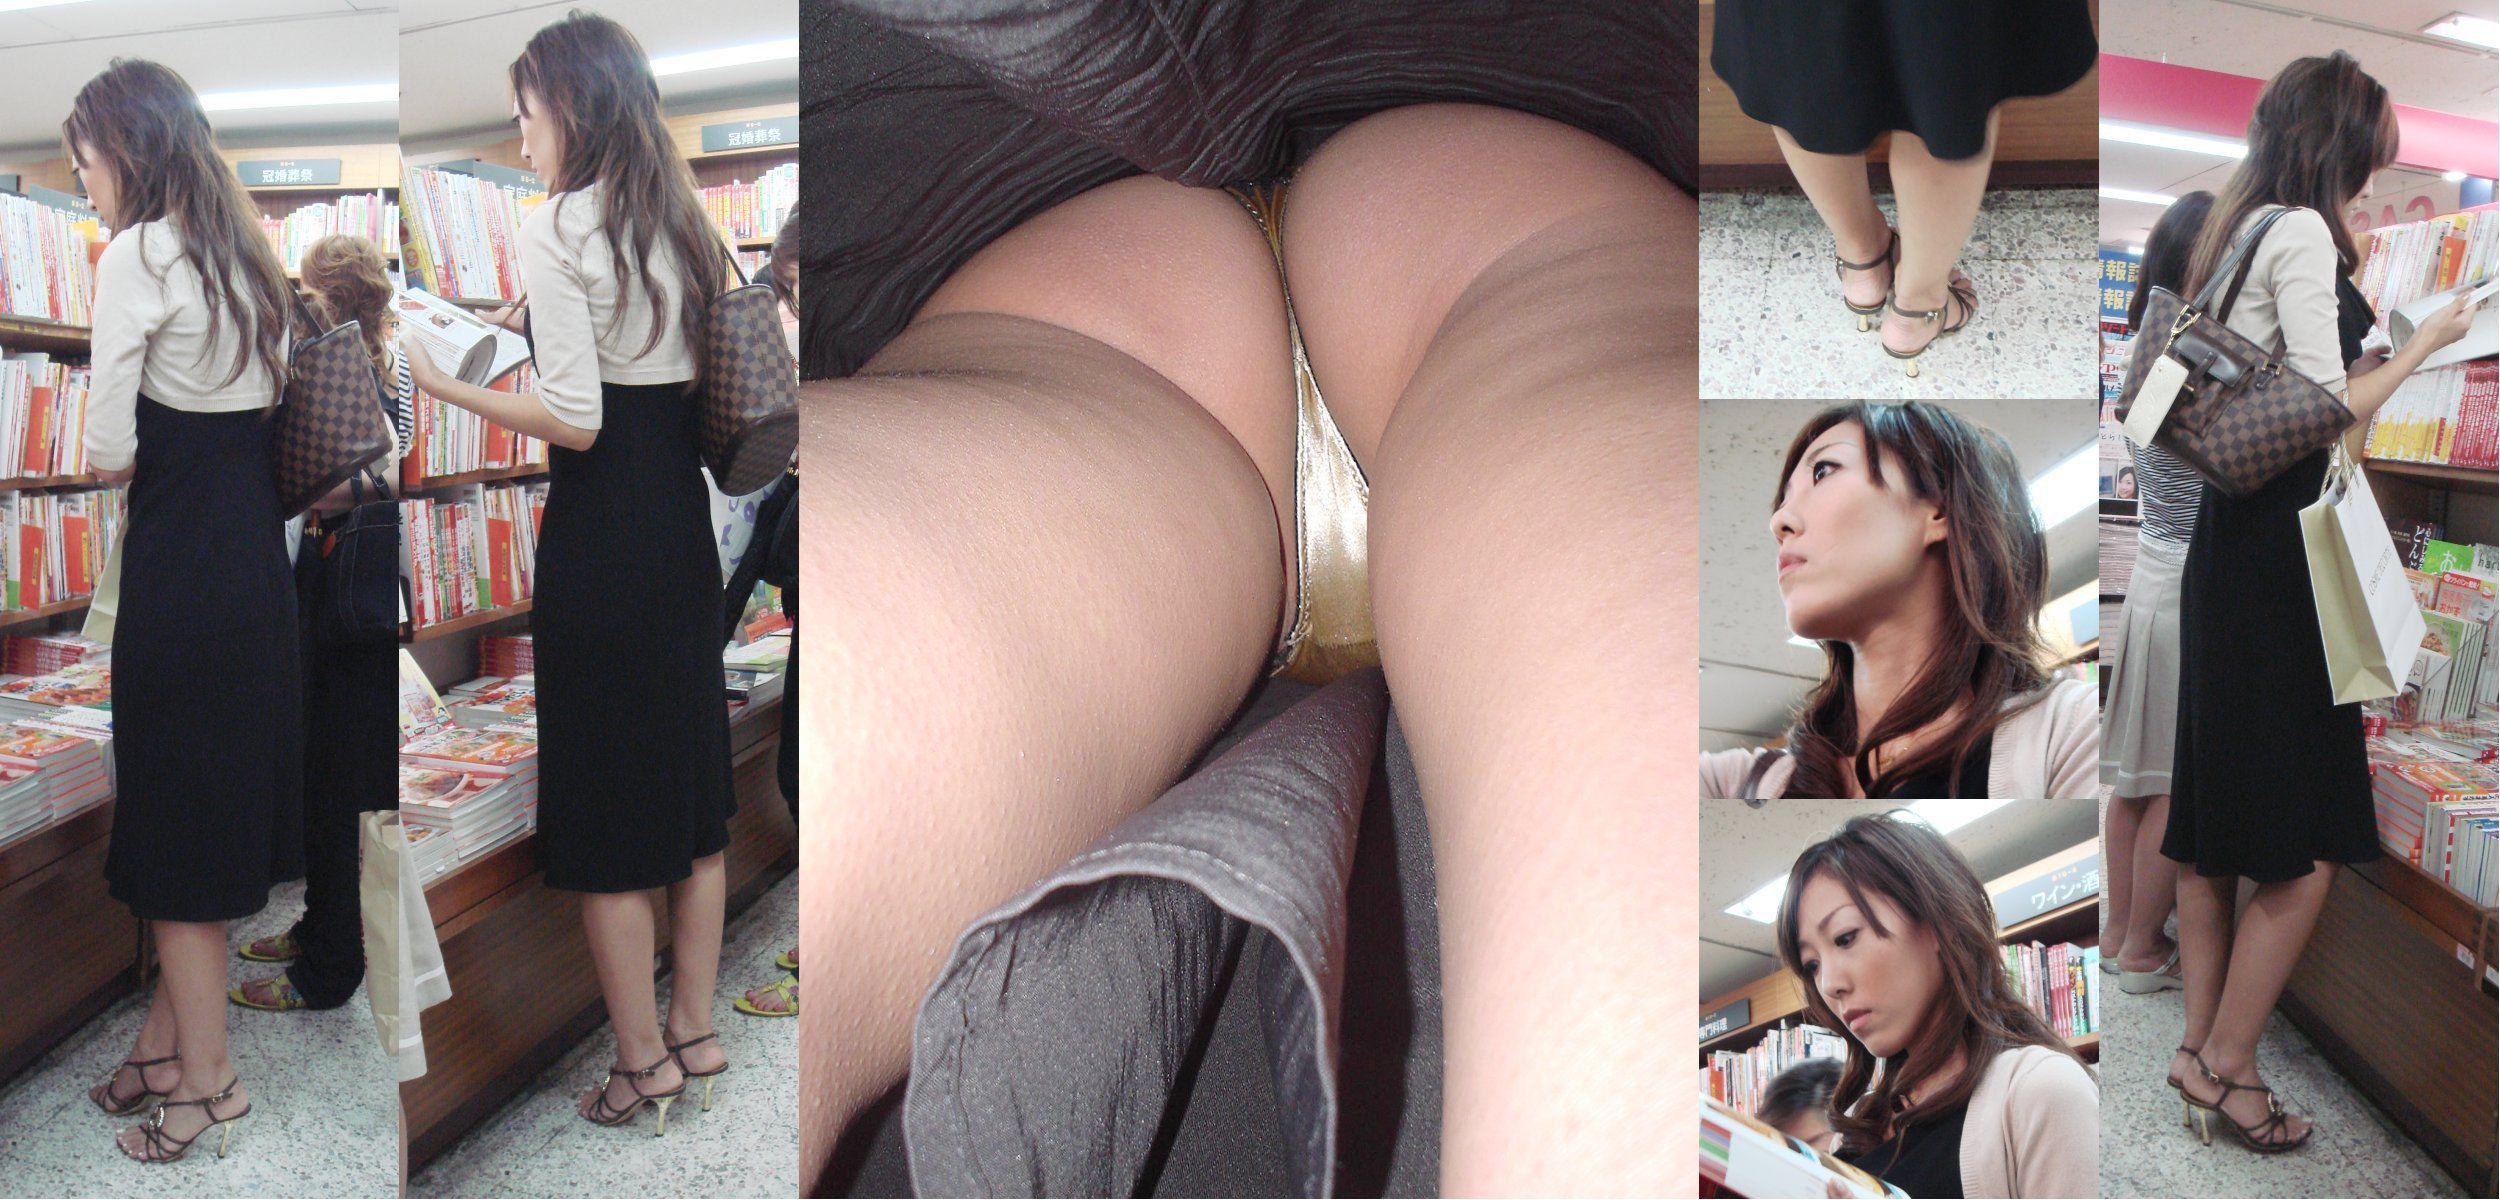 【パンチラエロ画像】ハミ毛も多く履きこなしはまだまだ甘いTバック逆さ撮り!(;´∀`)